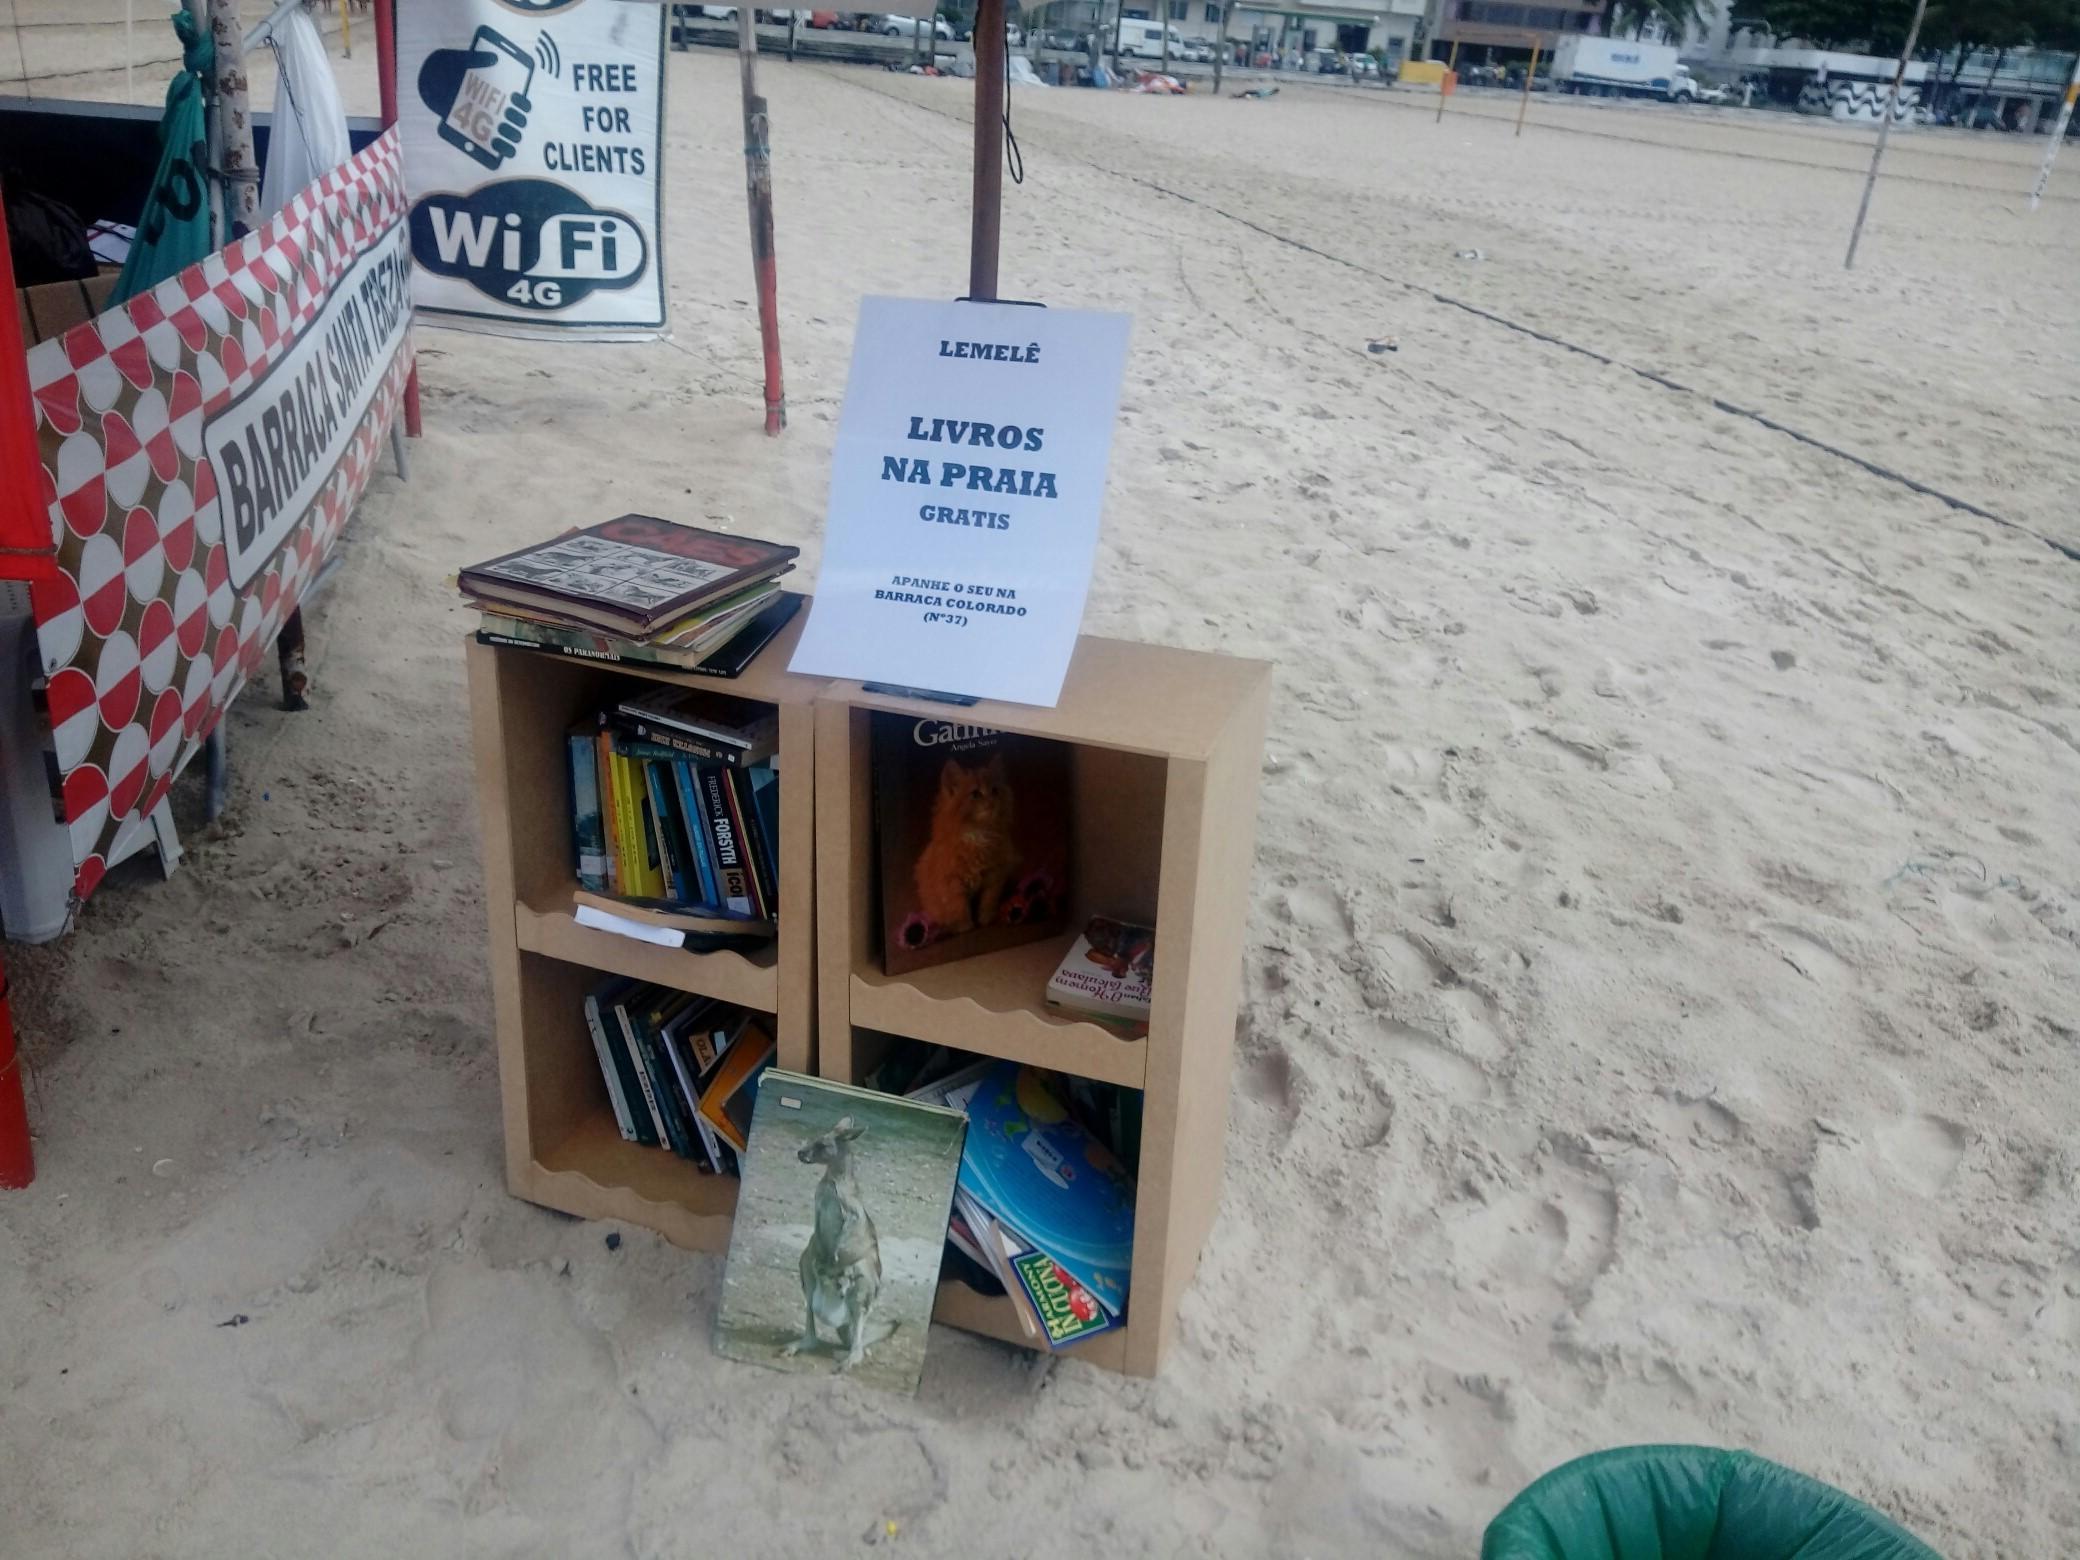 A barraca de distribuição gratuita de livros na Praia do Leme